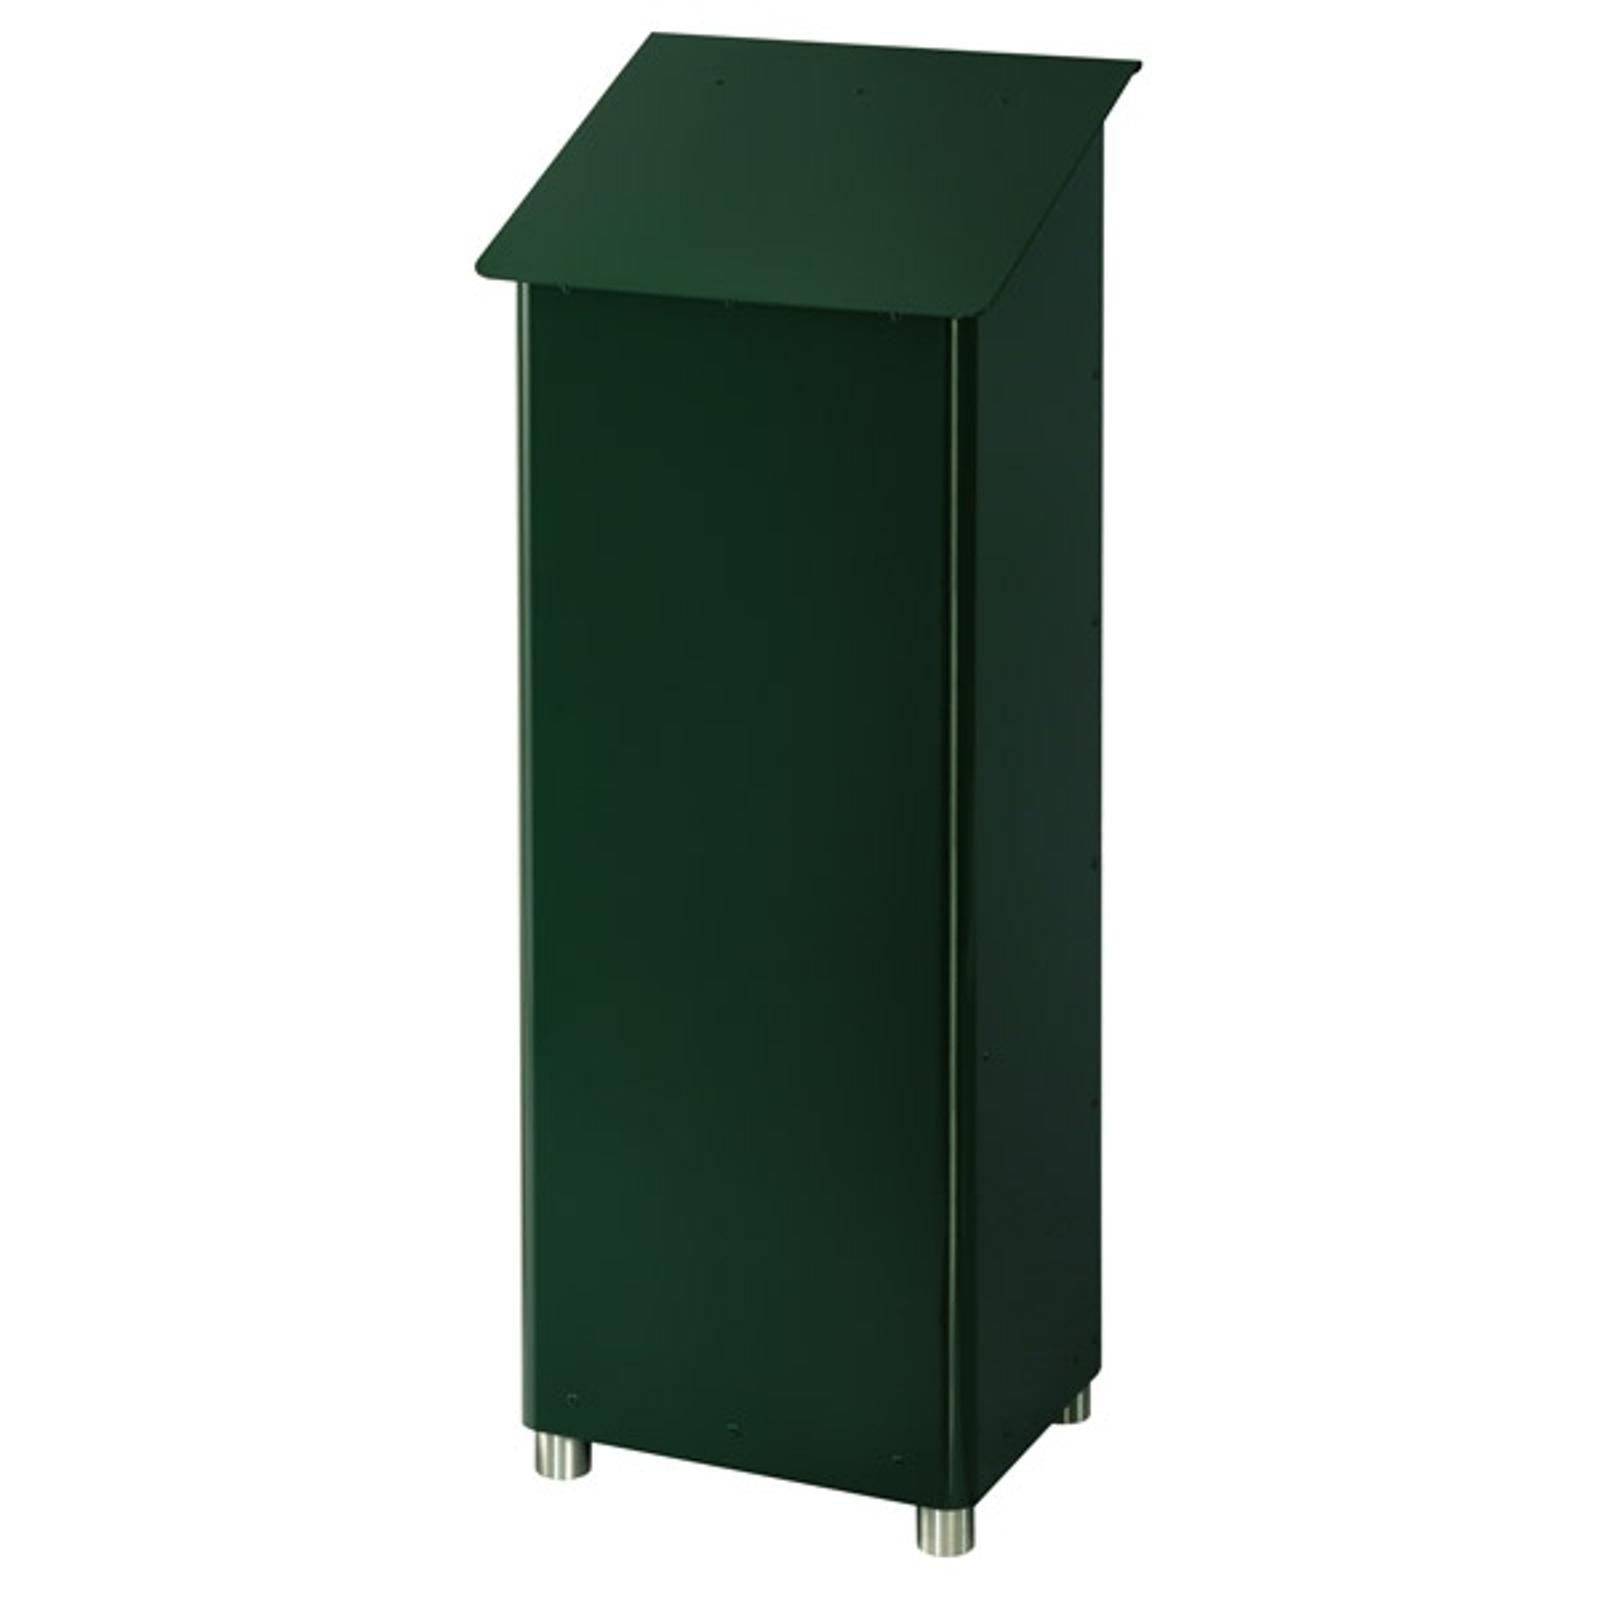 Produktové foto Heibi Poštovní schránka GRANDE SECURI 1 tmavě zelená